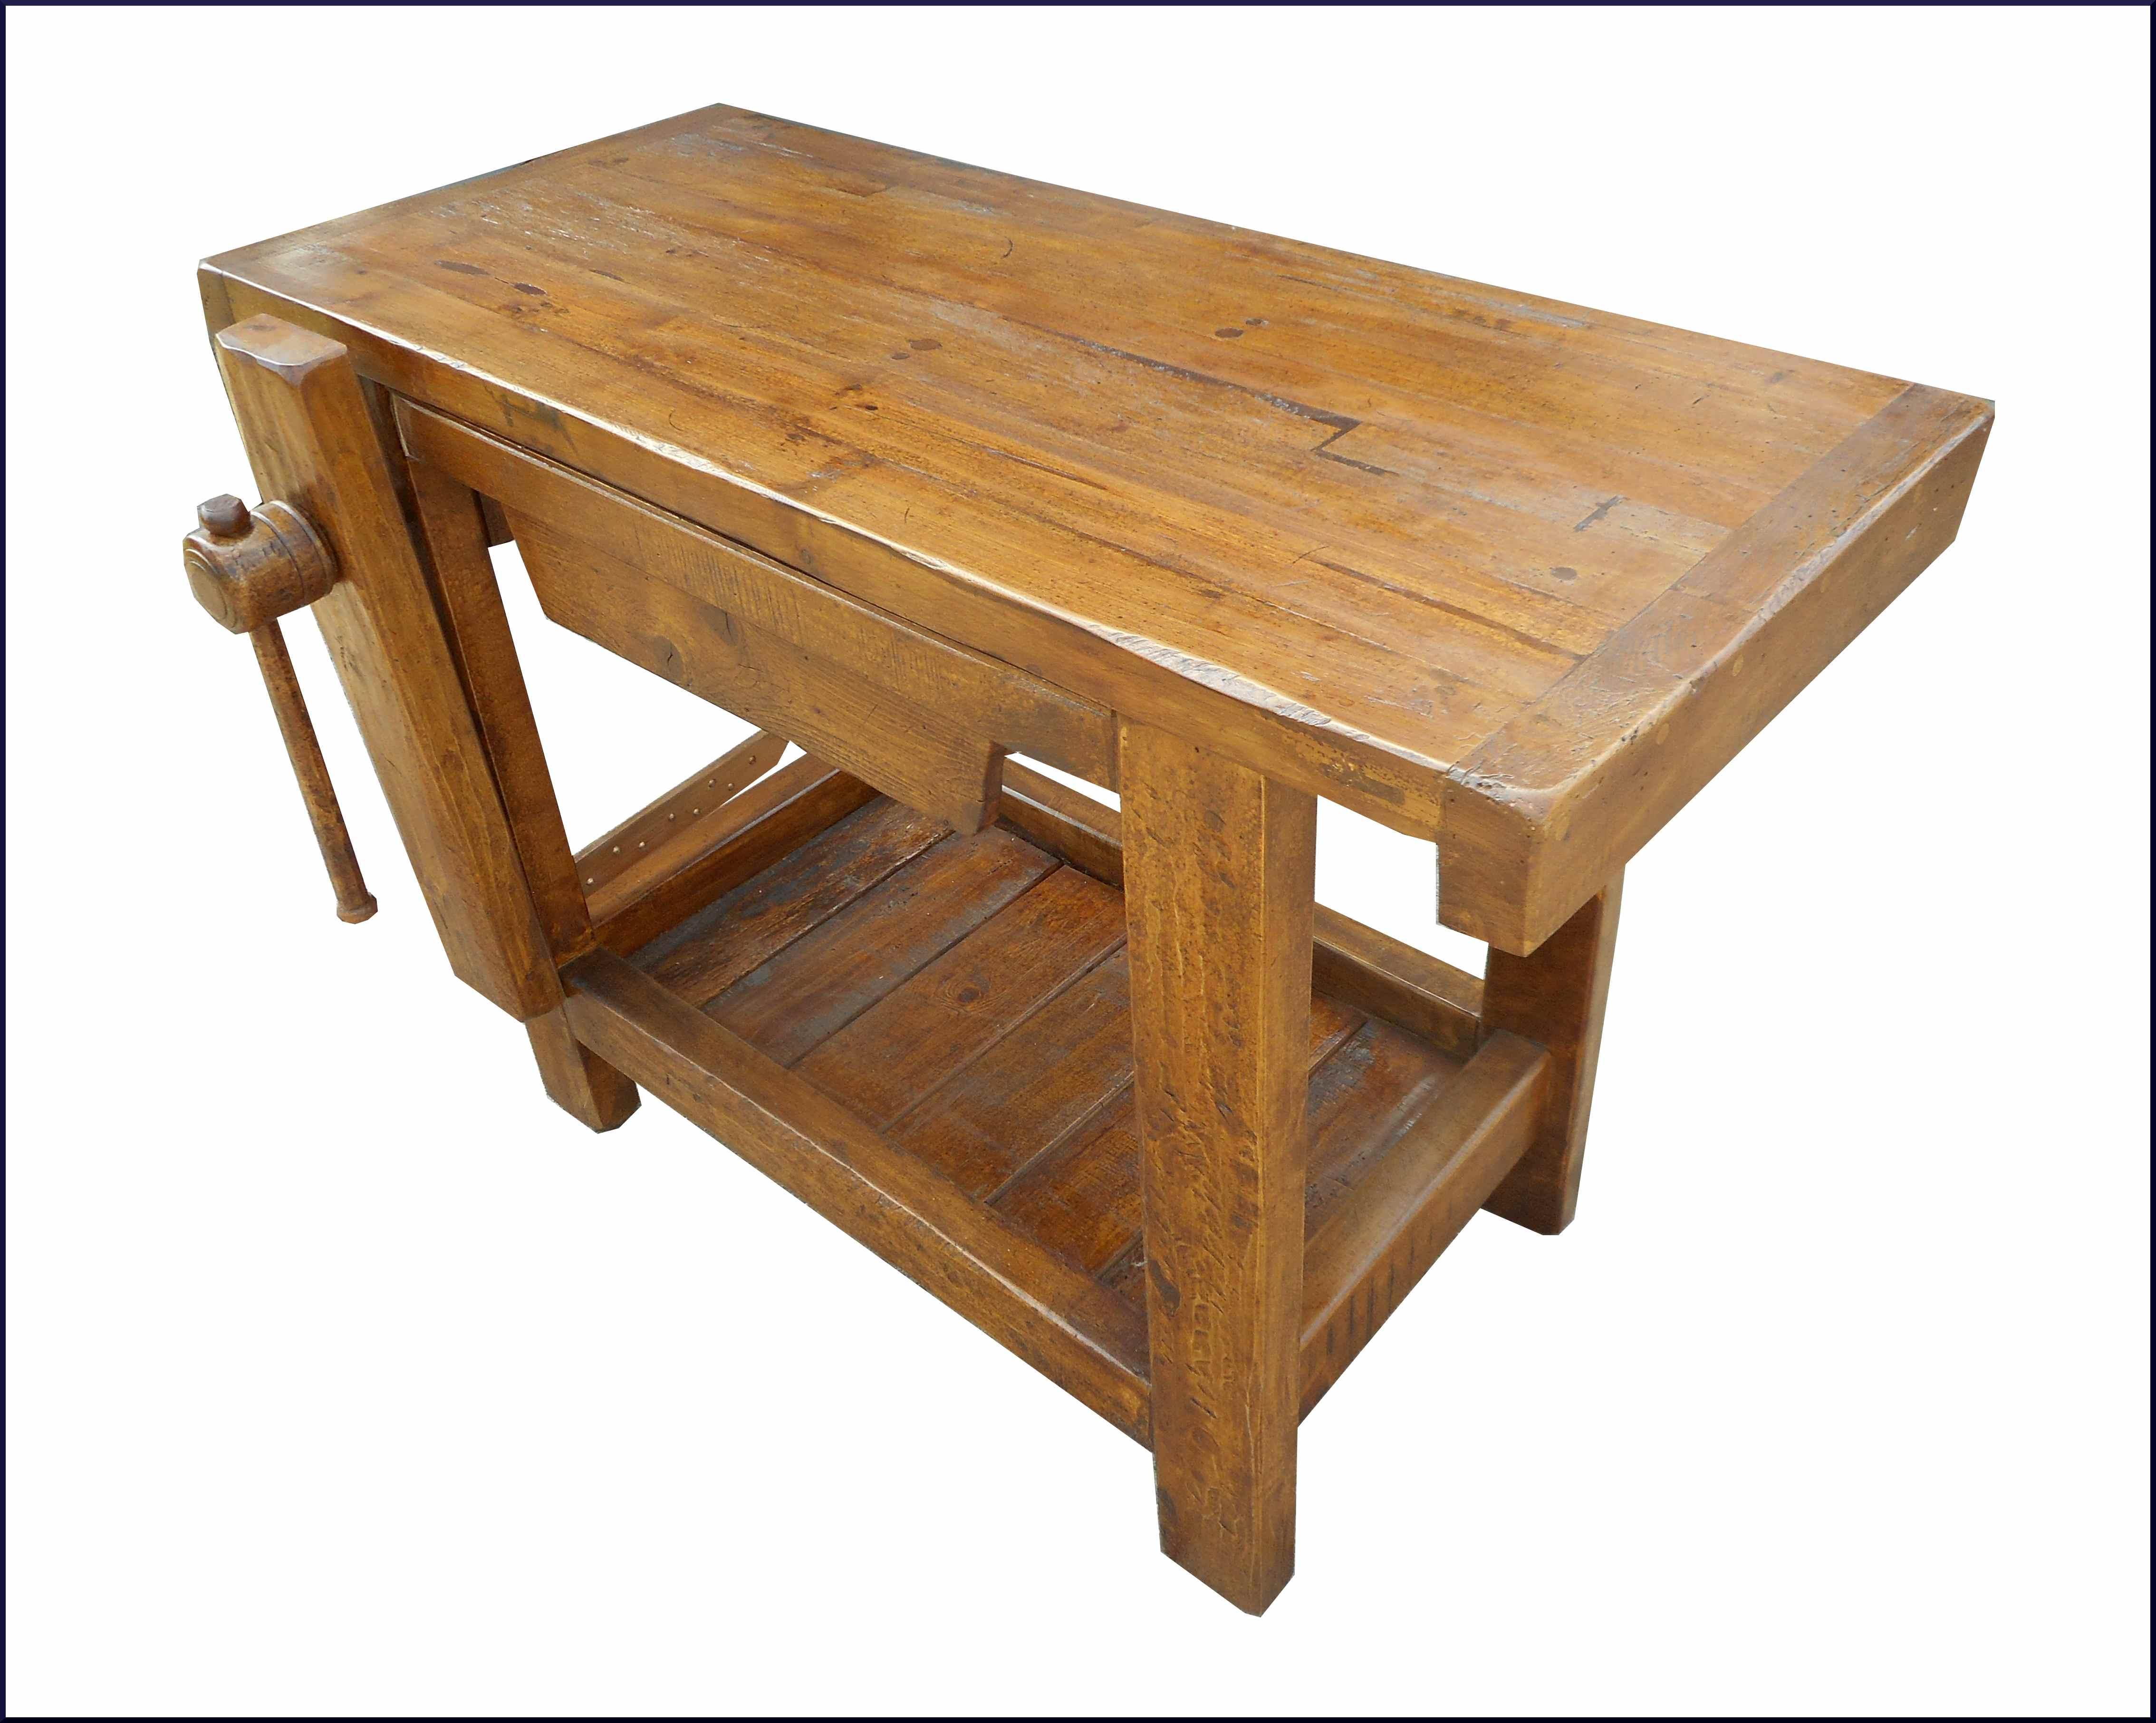 La commode di davide corno mobili antichi restaurati e riprodotti - Tavolo da falegname vendita ...